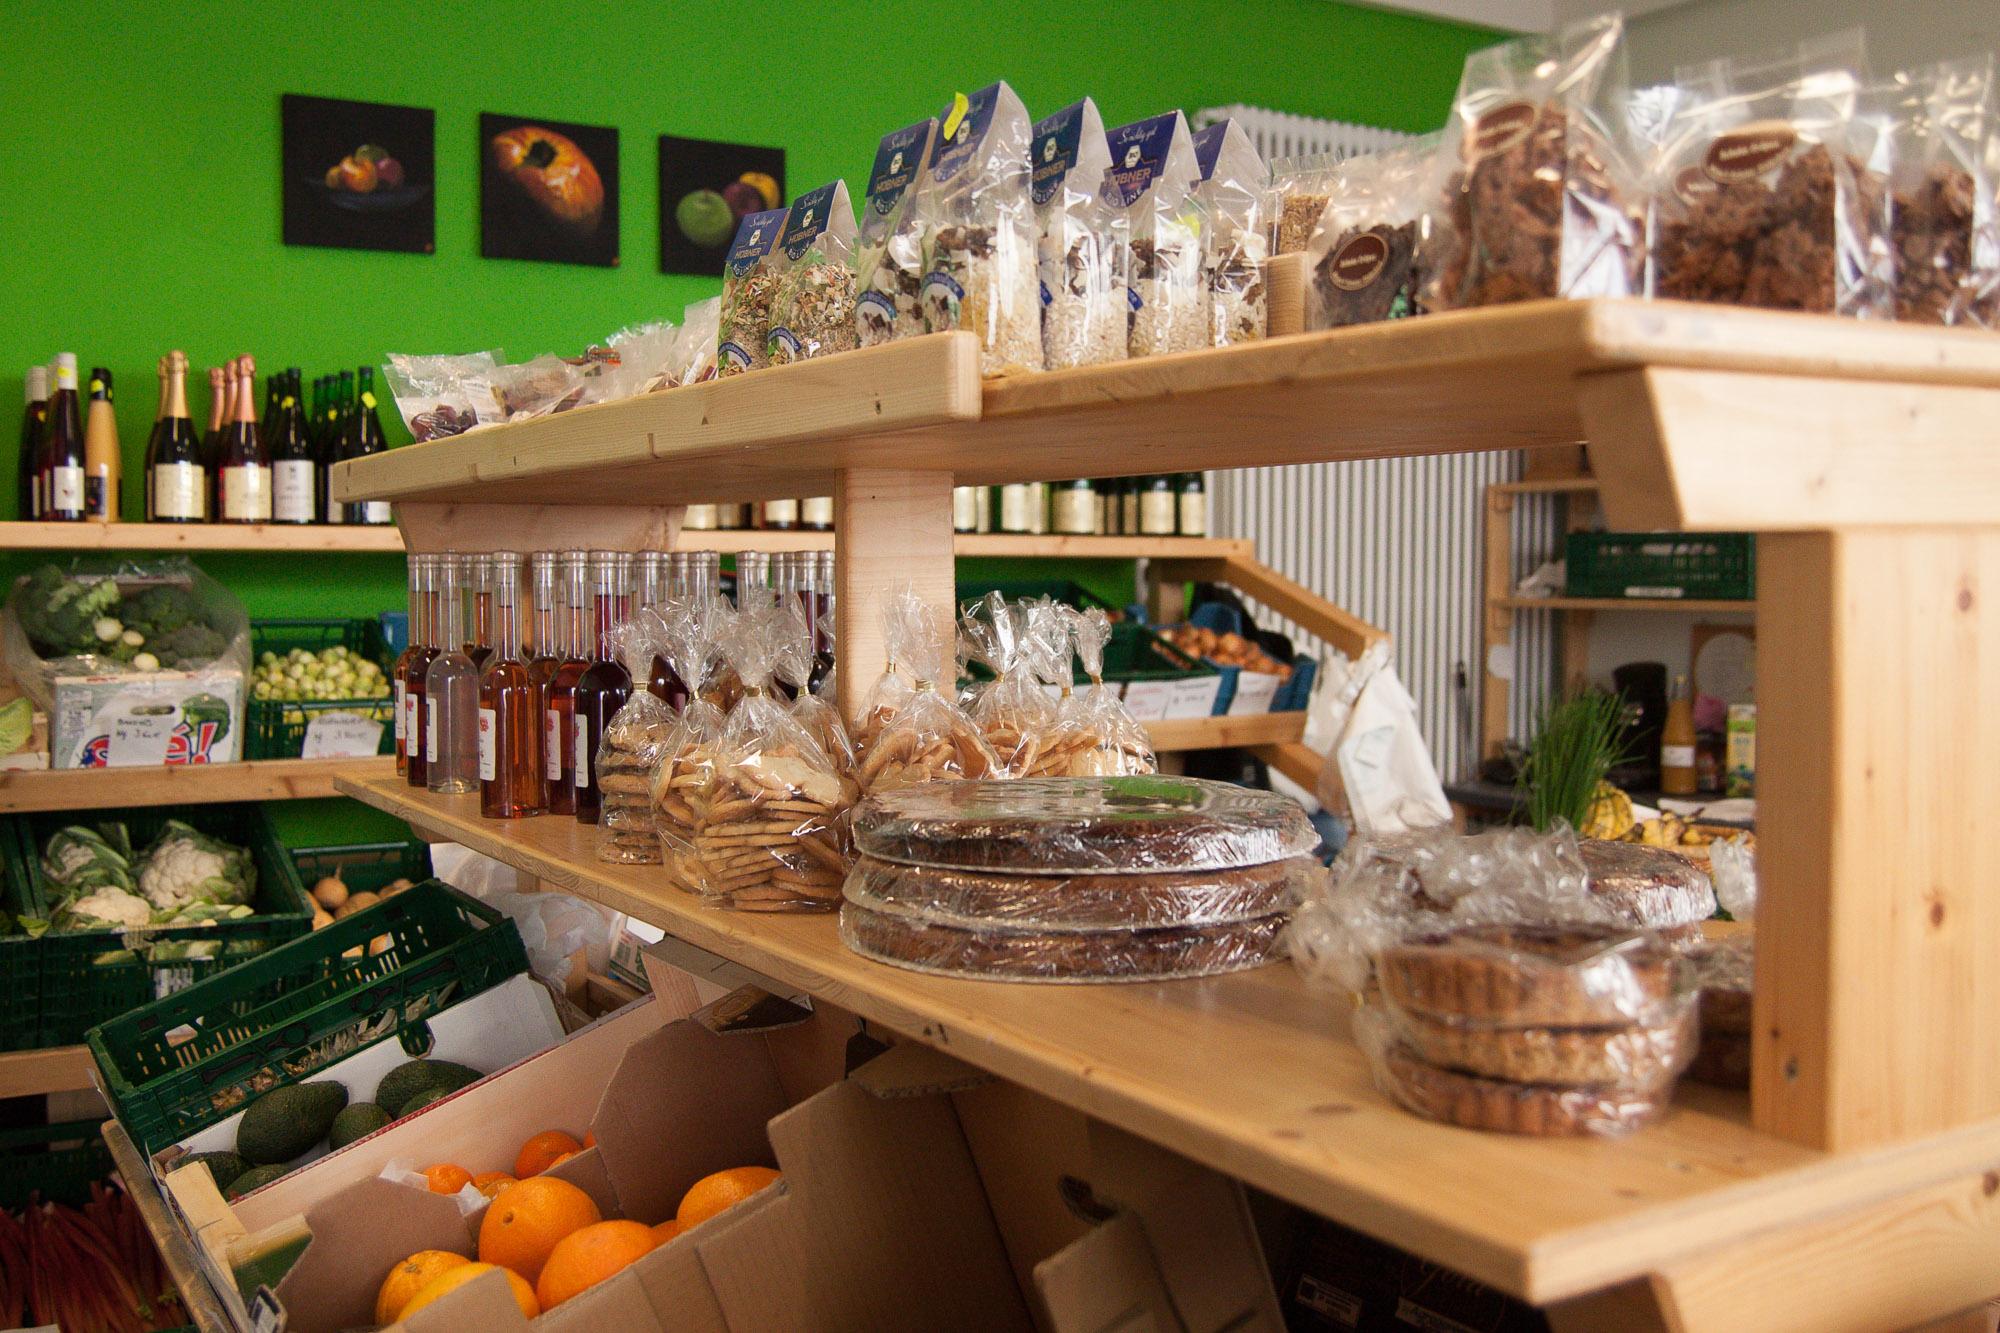 Obsthof Kasper - Der Bauernladen in der Friedenstraße und der Bachstraße in Offenburg